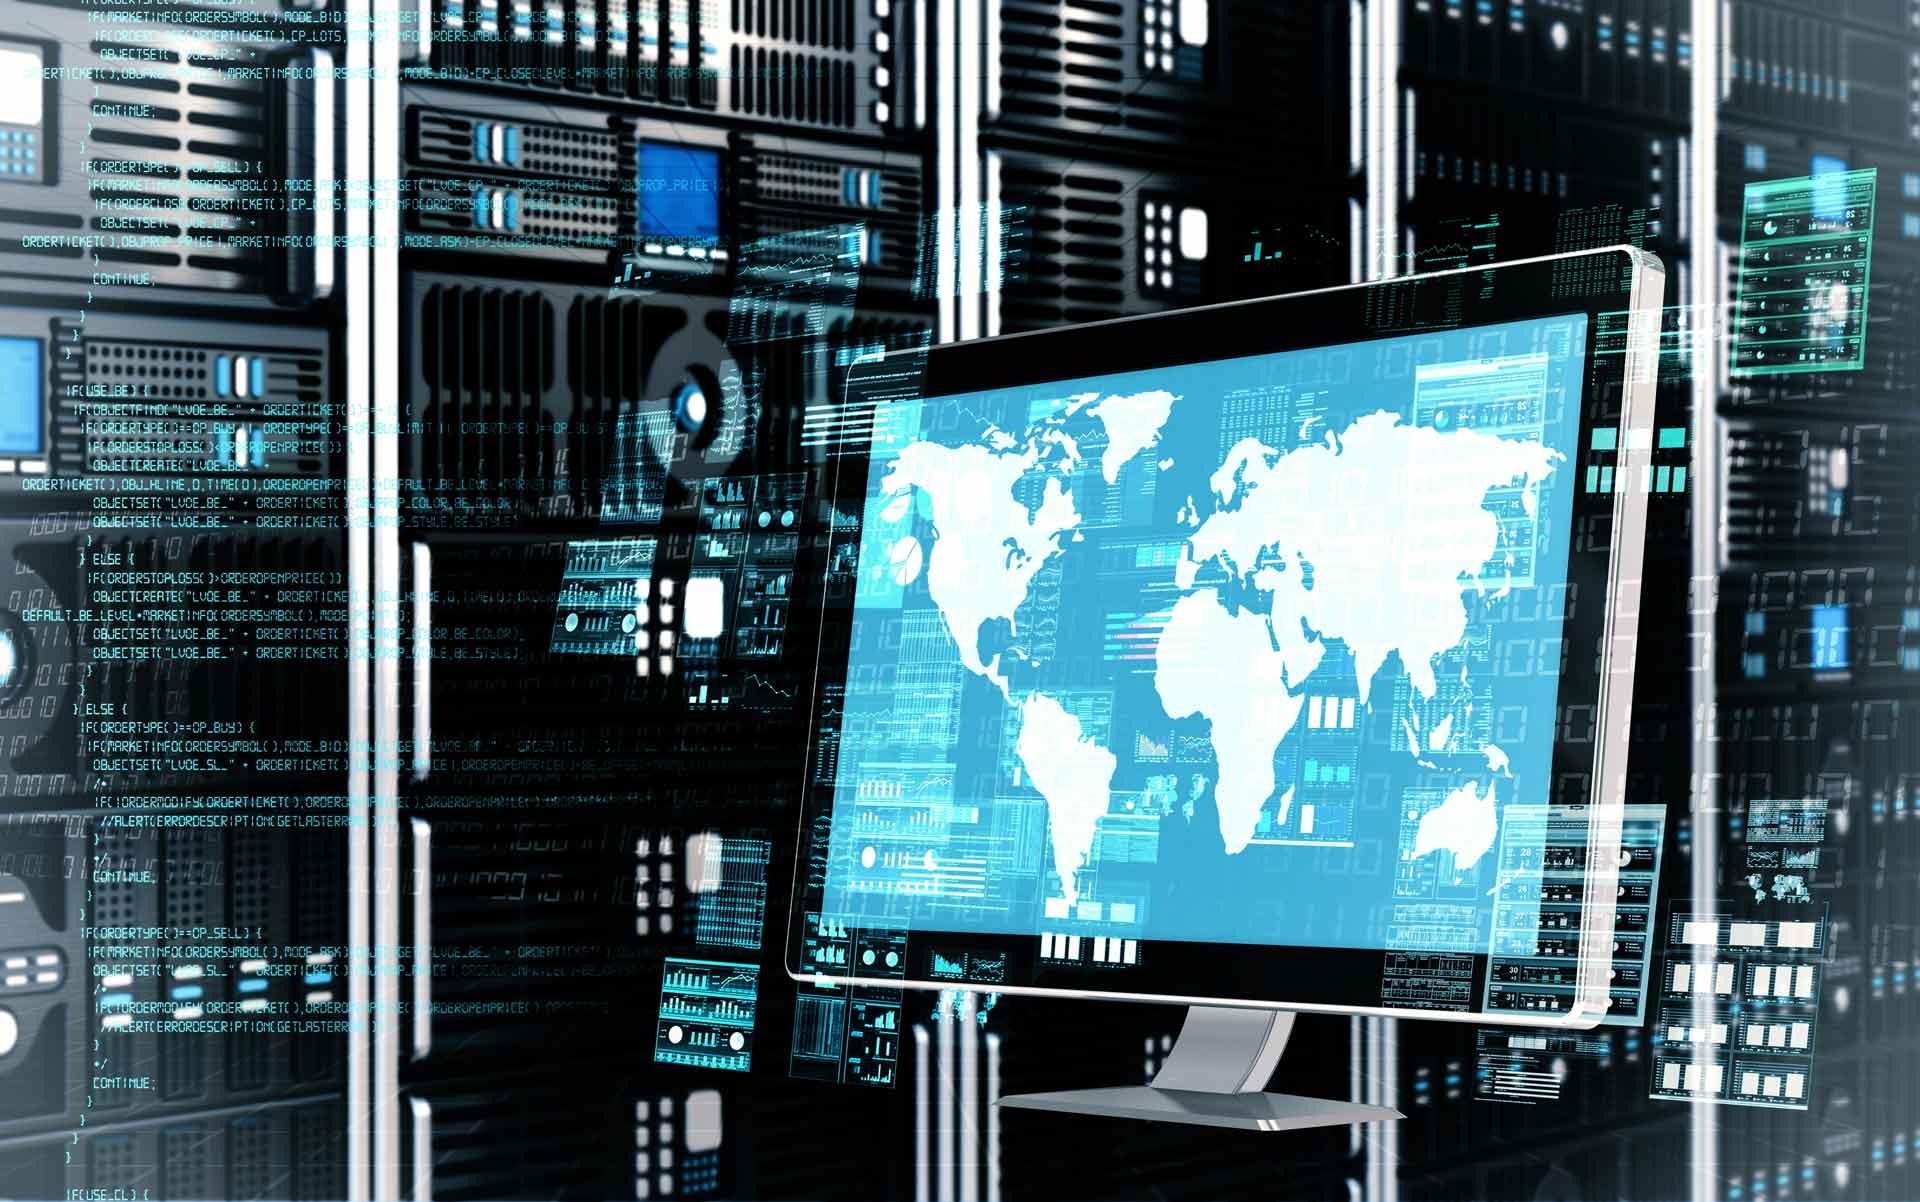 Три совета для небольшого бизнеса по построению ИТ-инфраструктуры